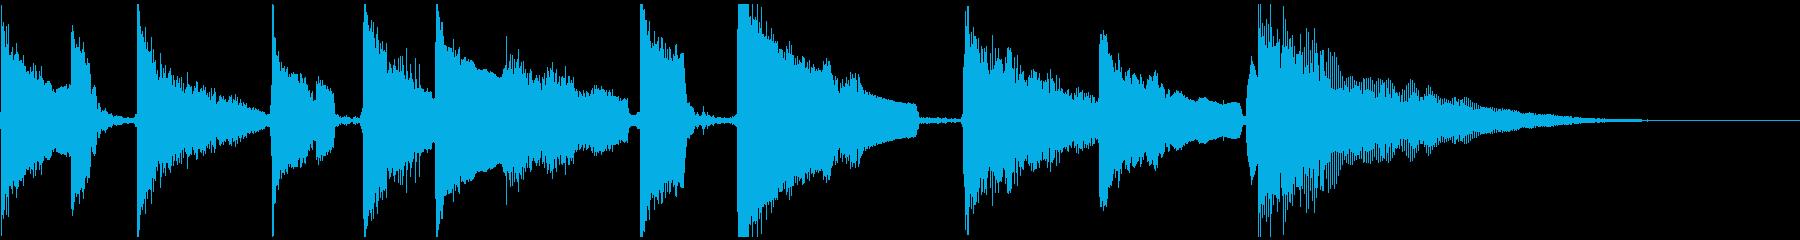 陶器の音 注ぐ音 アコギの優しいジングルの再生済みの波形